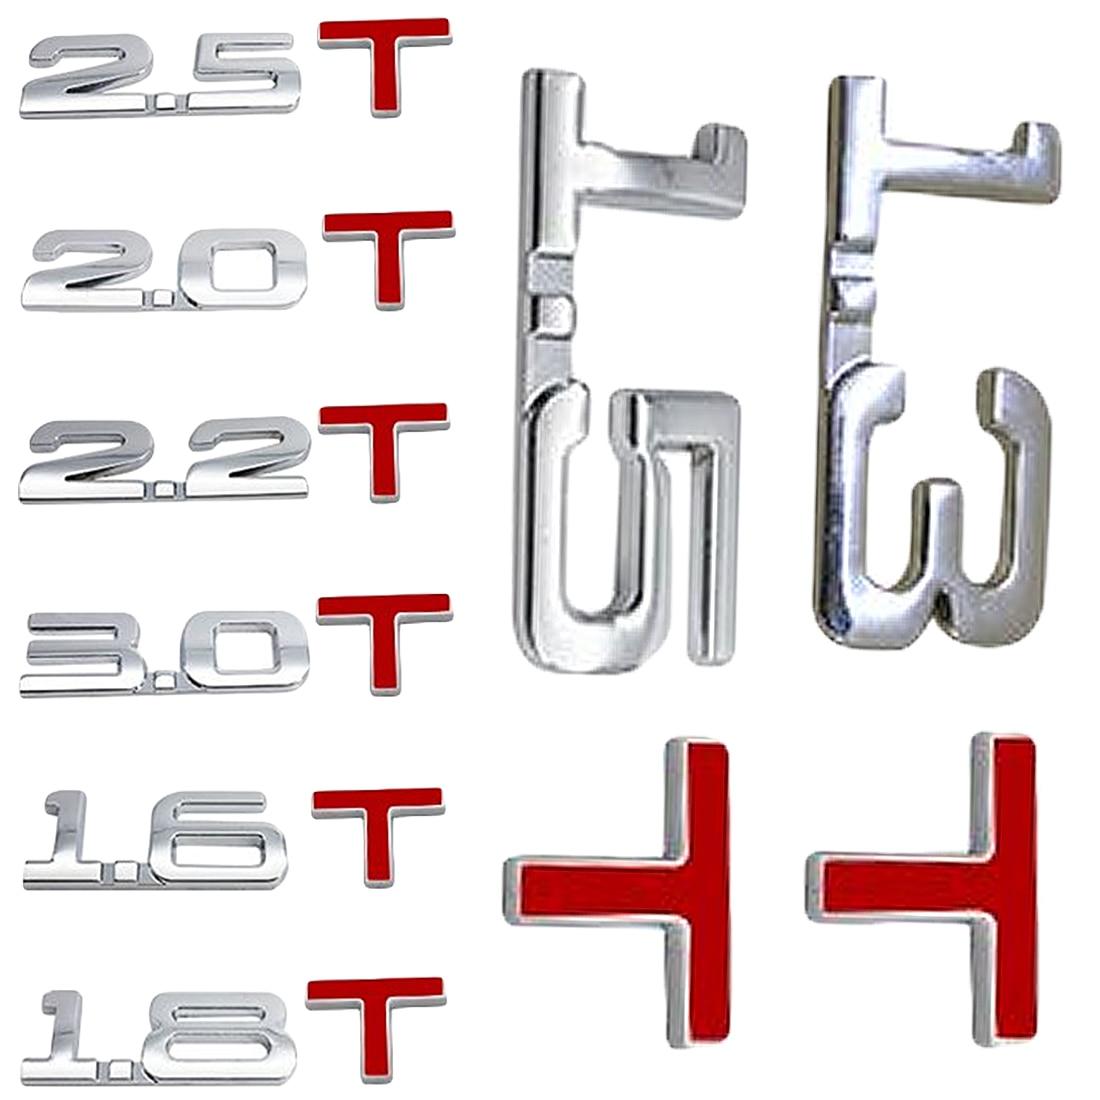 Декоративные аксессуары для автомобилей и мотоциклов, 1,3/1,5/1,6/1,8/2,0/2,2/2,5/3,0 т, знак смещения, значок, 3D-наклейки для автомобиля